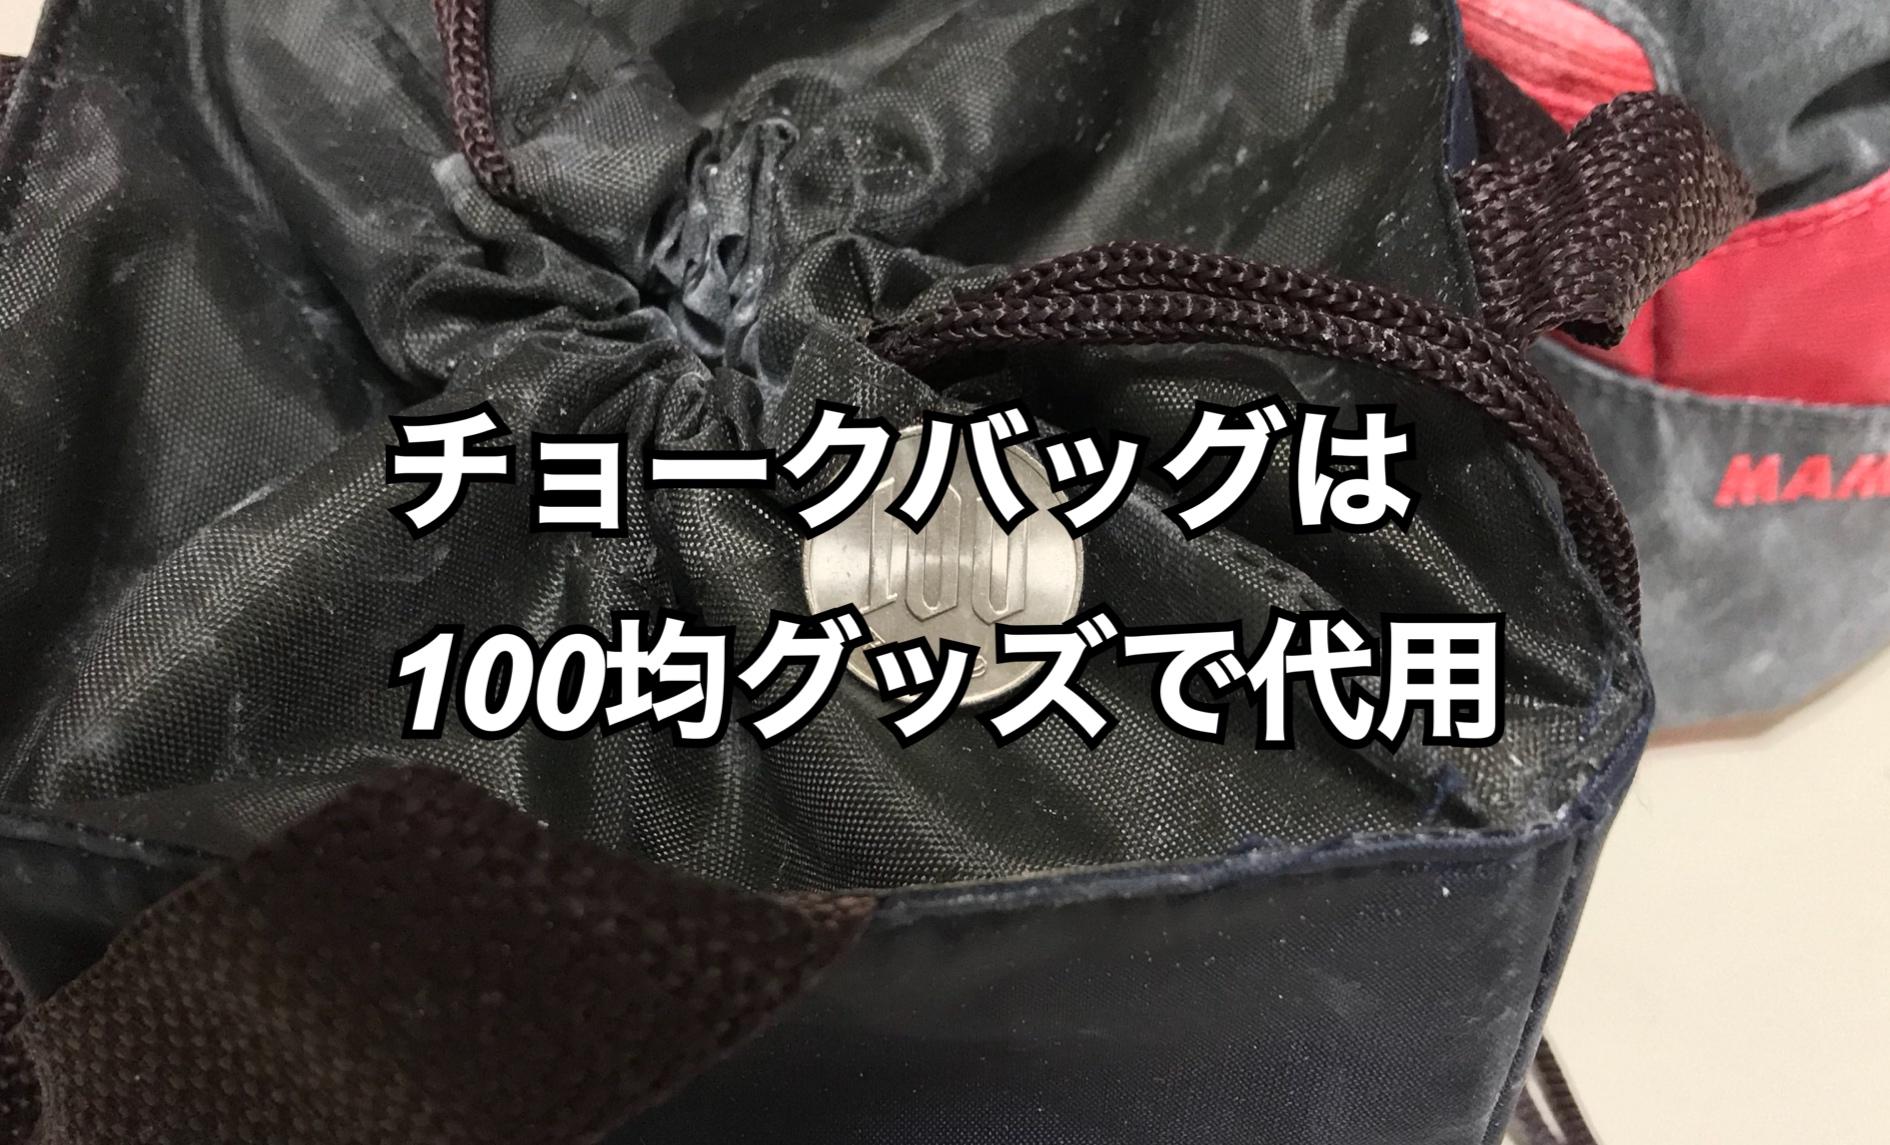 チョークバッグは100均グッズで代用